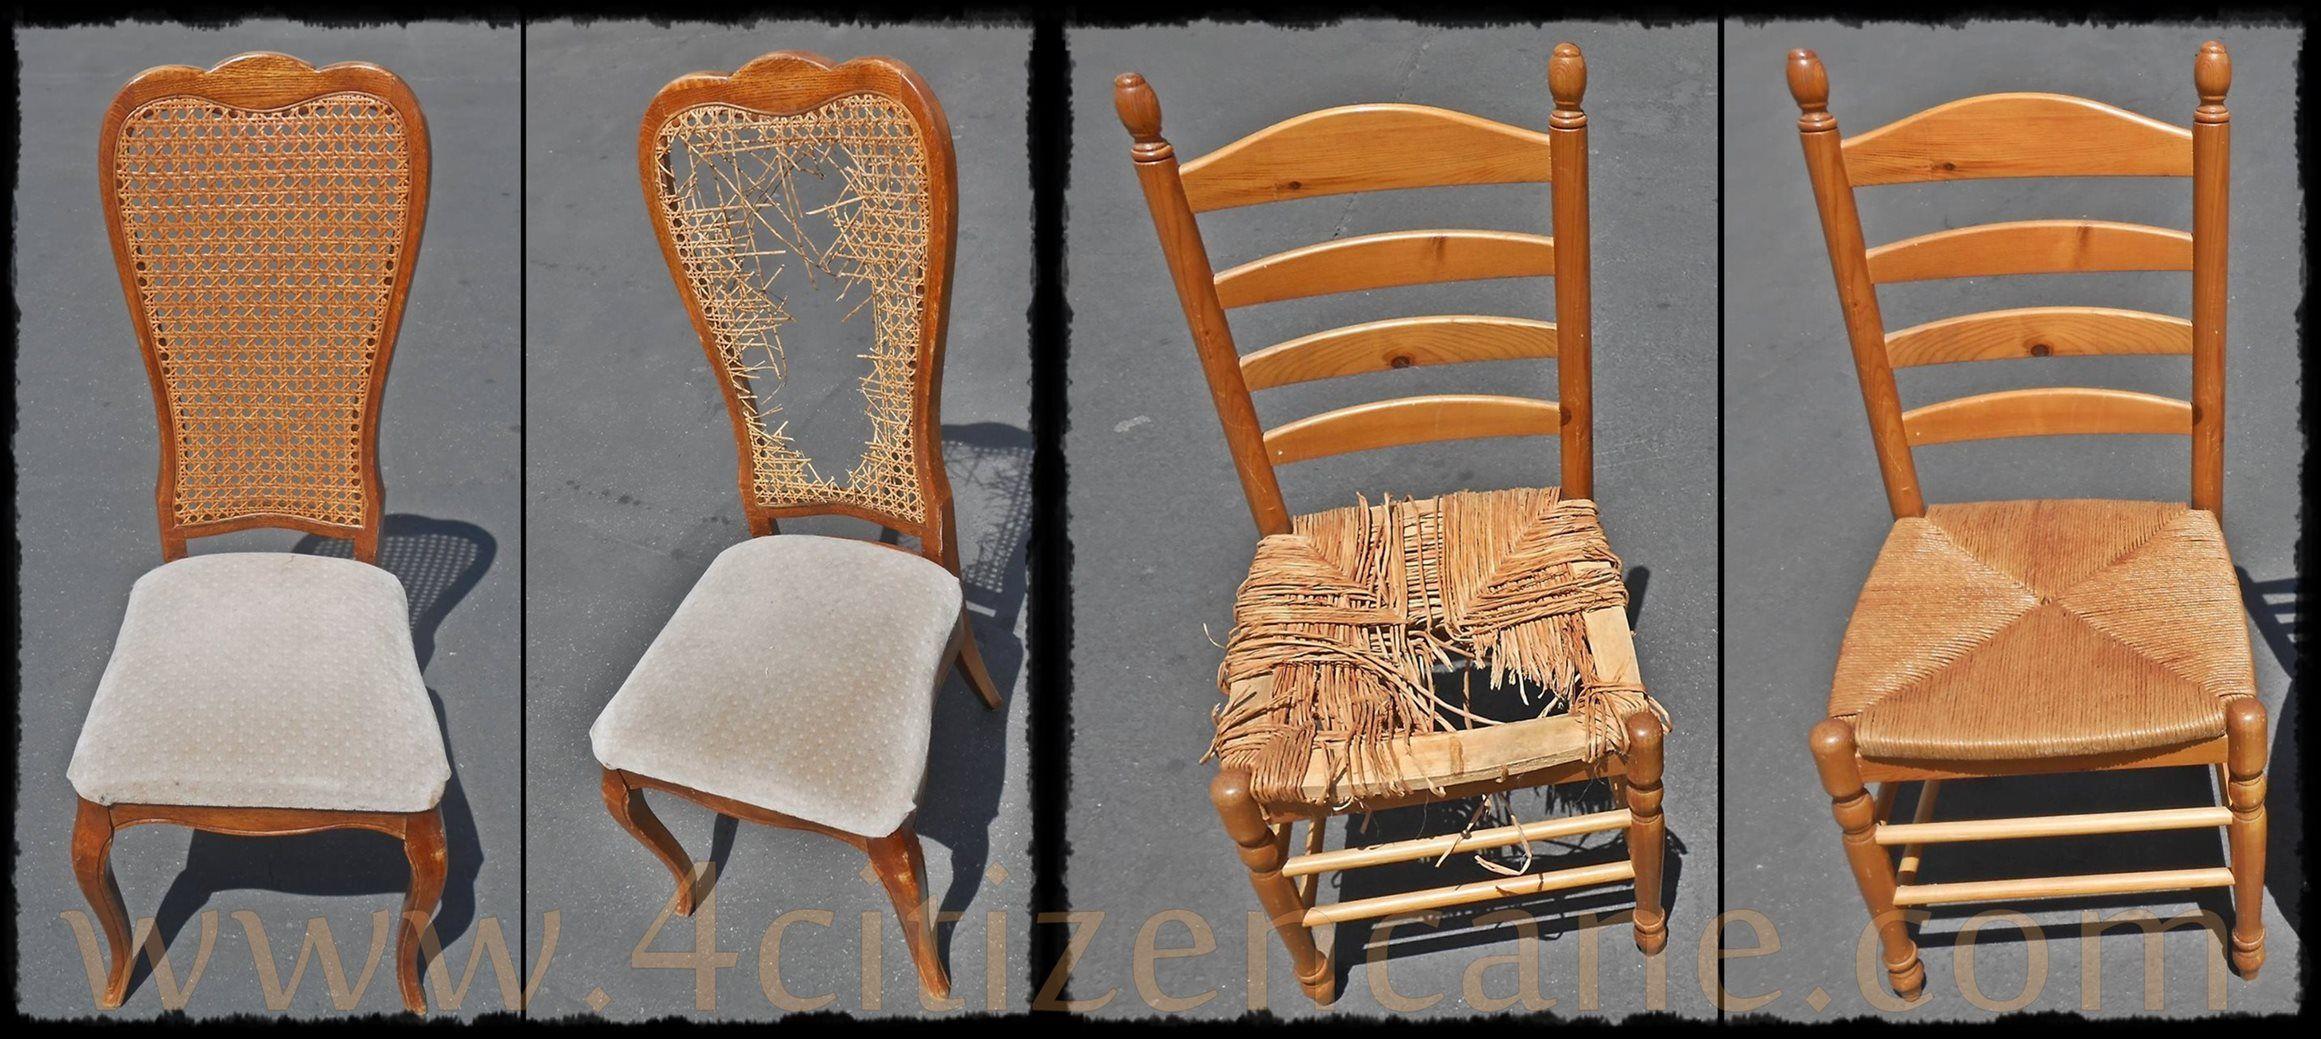 Cane Chair Caning Repair Rush Chair Repair Wicker Rattan